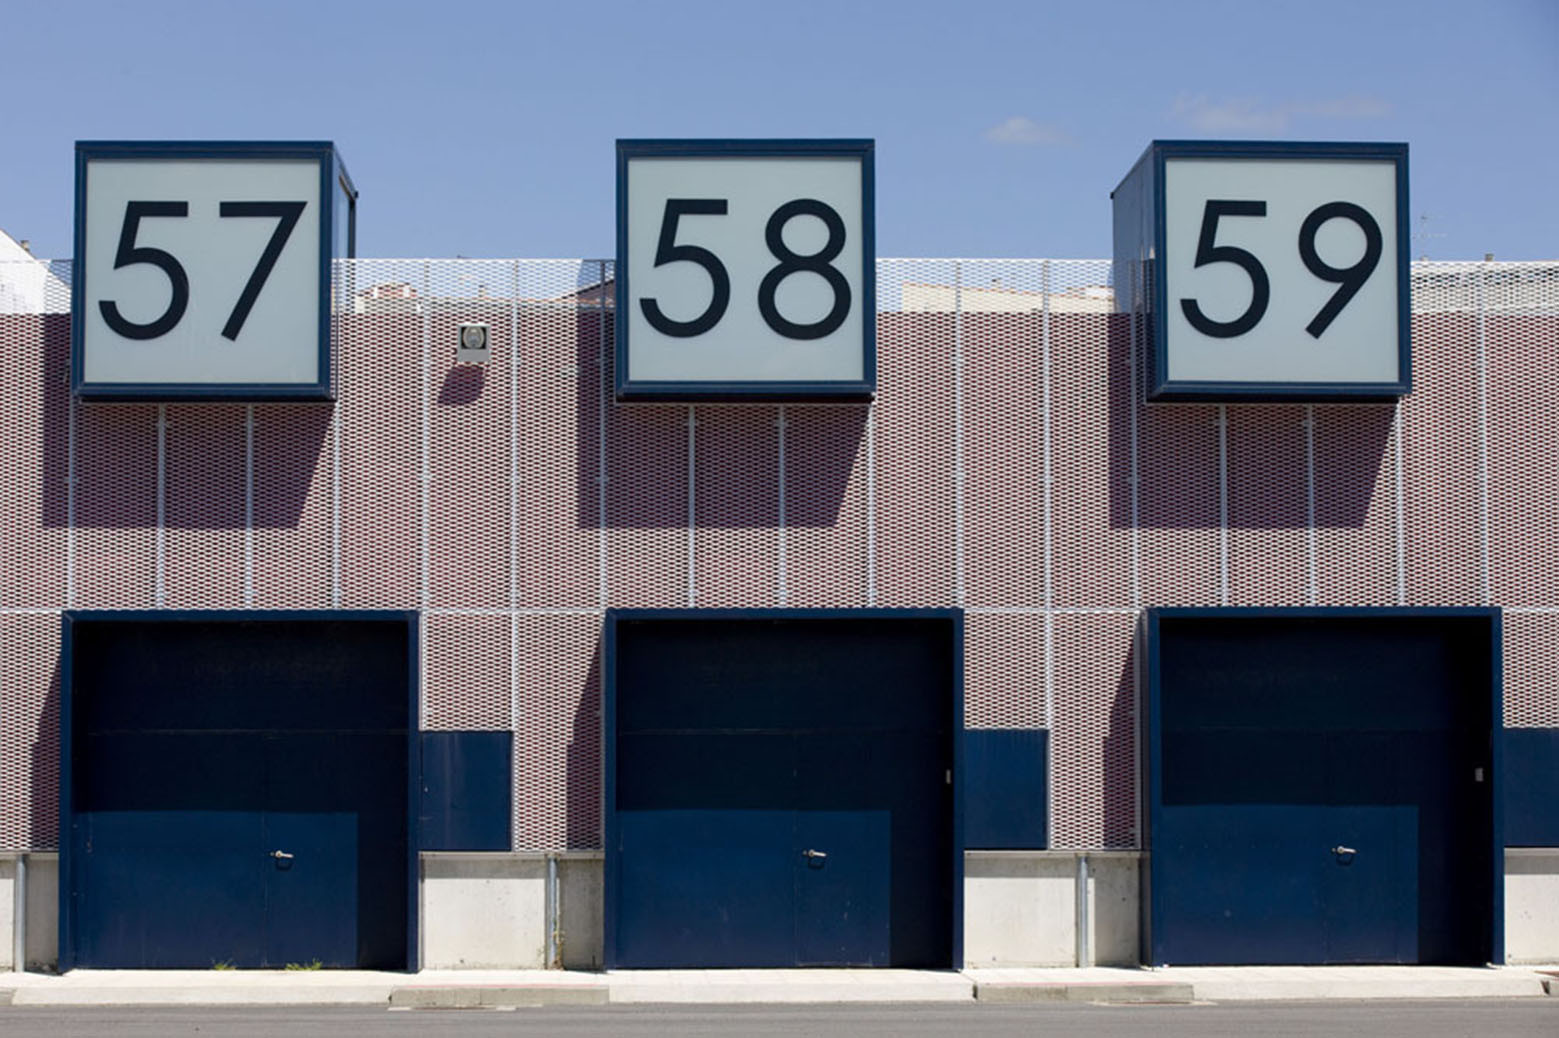 Edificios para Departamentos de Usuarios en Rianxo / Angel Cid y Jose Santos, © Xurxo Lobato